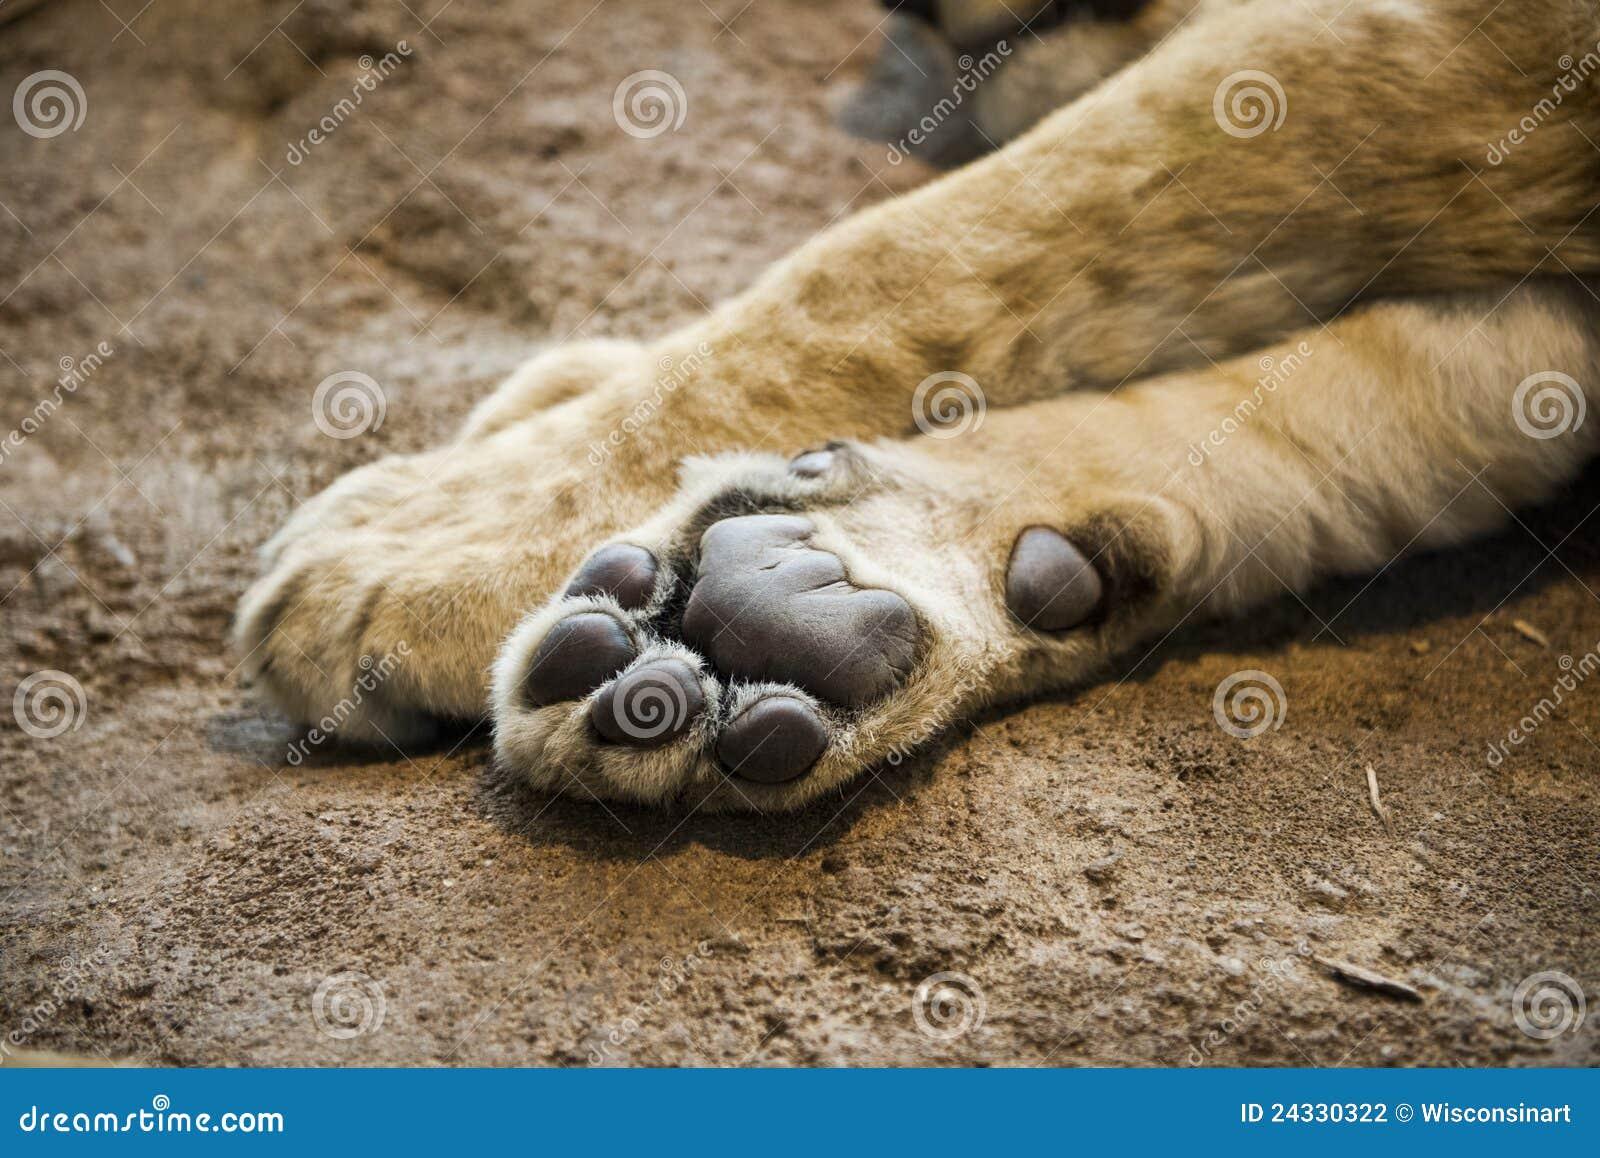 No Paws (No Lions) - No Ghosts